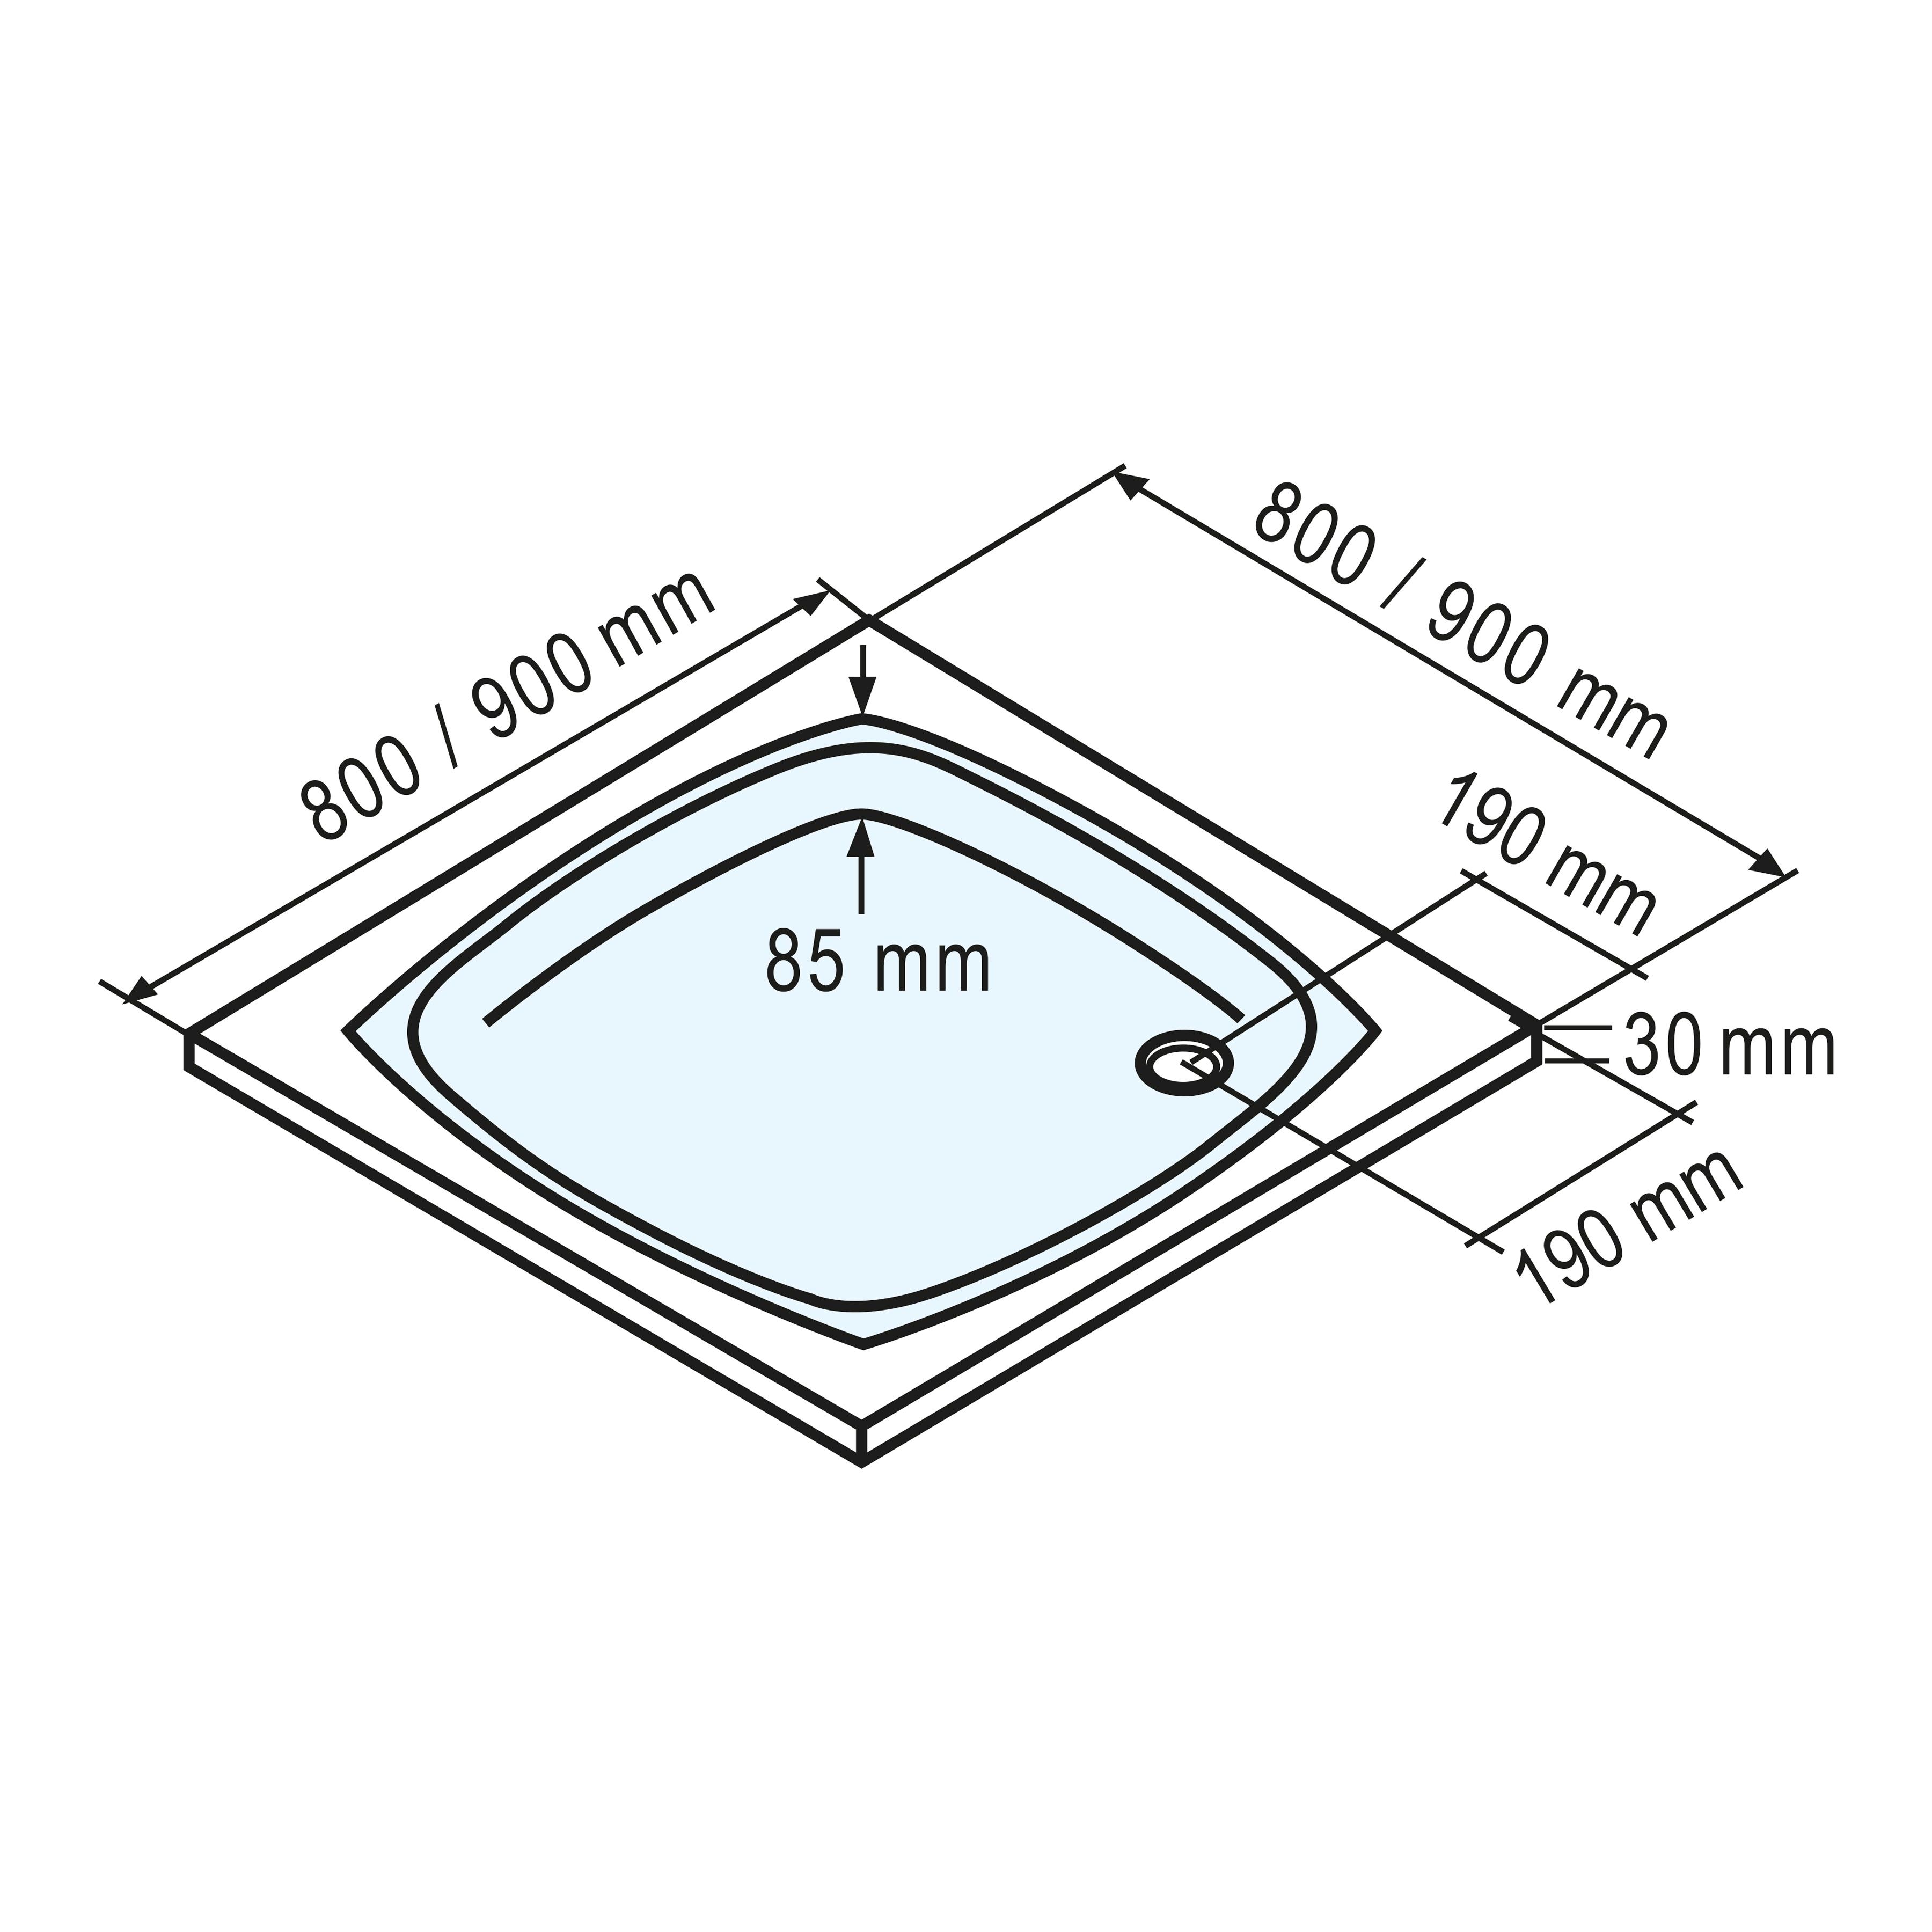 Schulte Duschwanne, flach, 80 x cm weiß Duschwannen Duschen Bad Sanitär